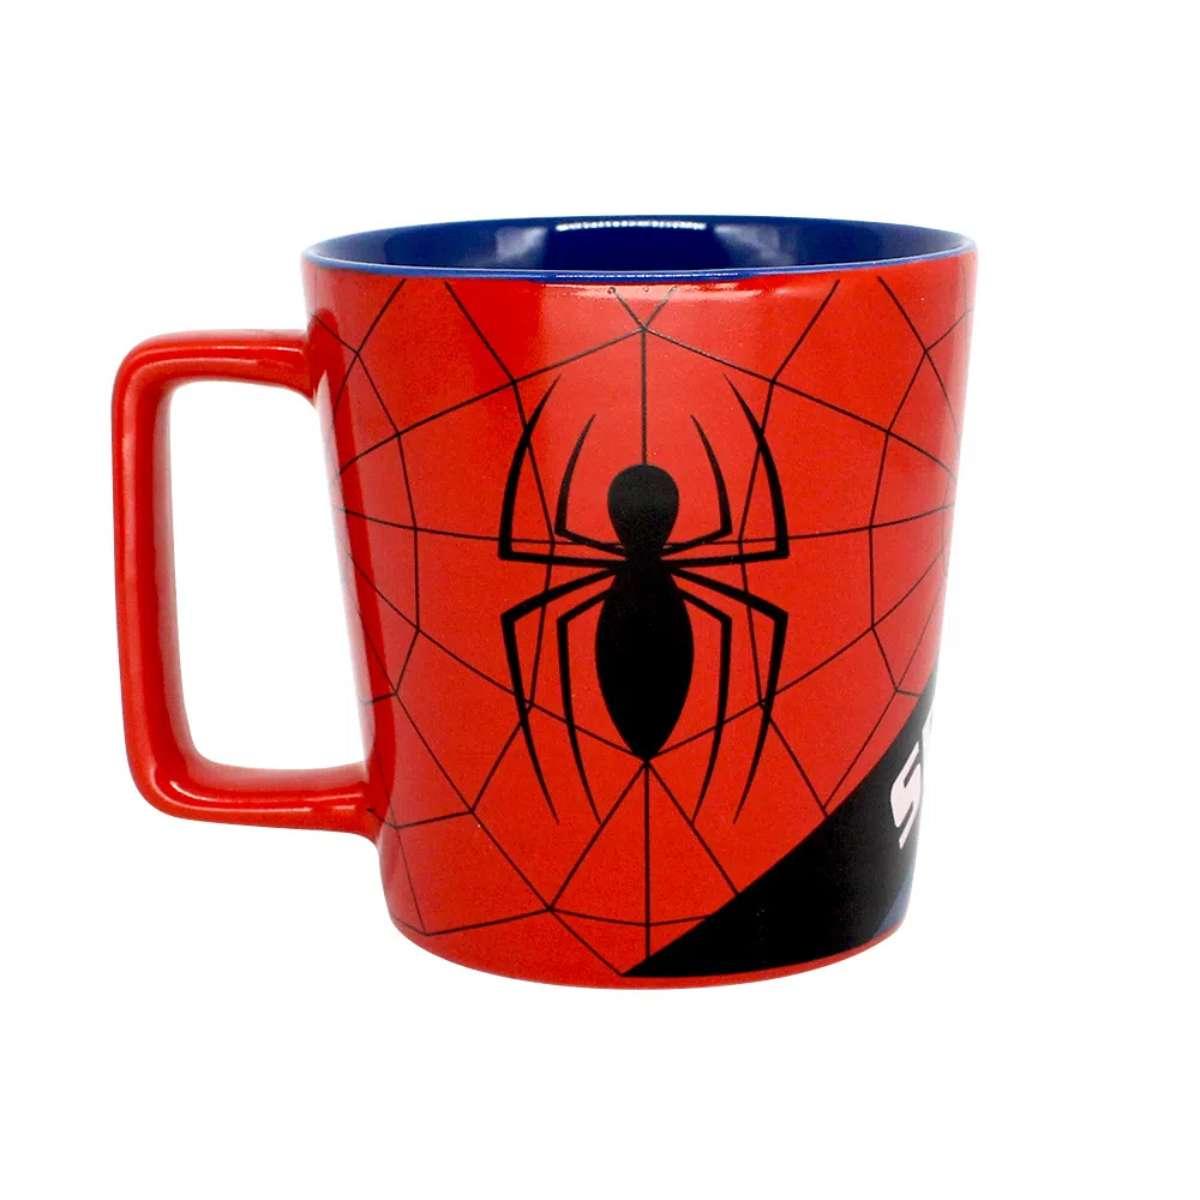 Caneca Spider Man Homem Aranha Teia Marvel